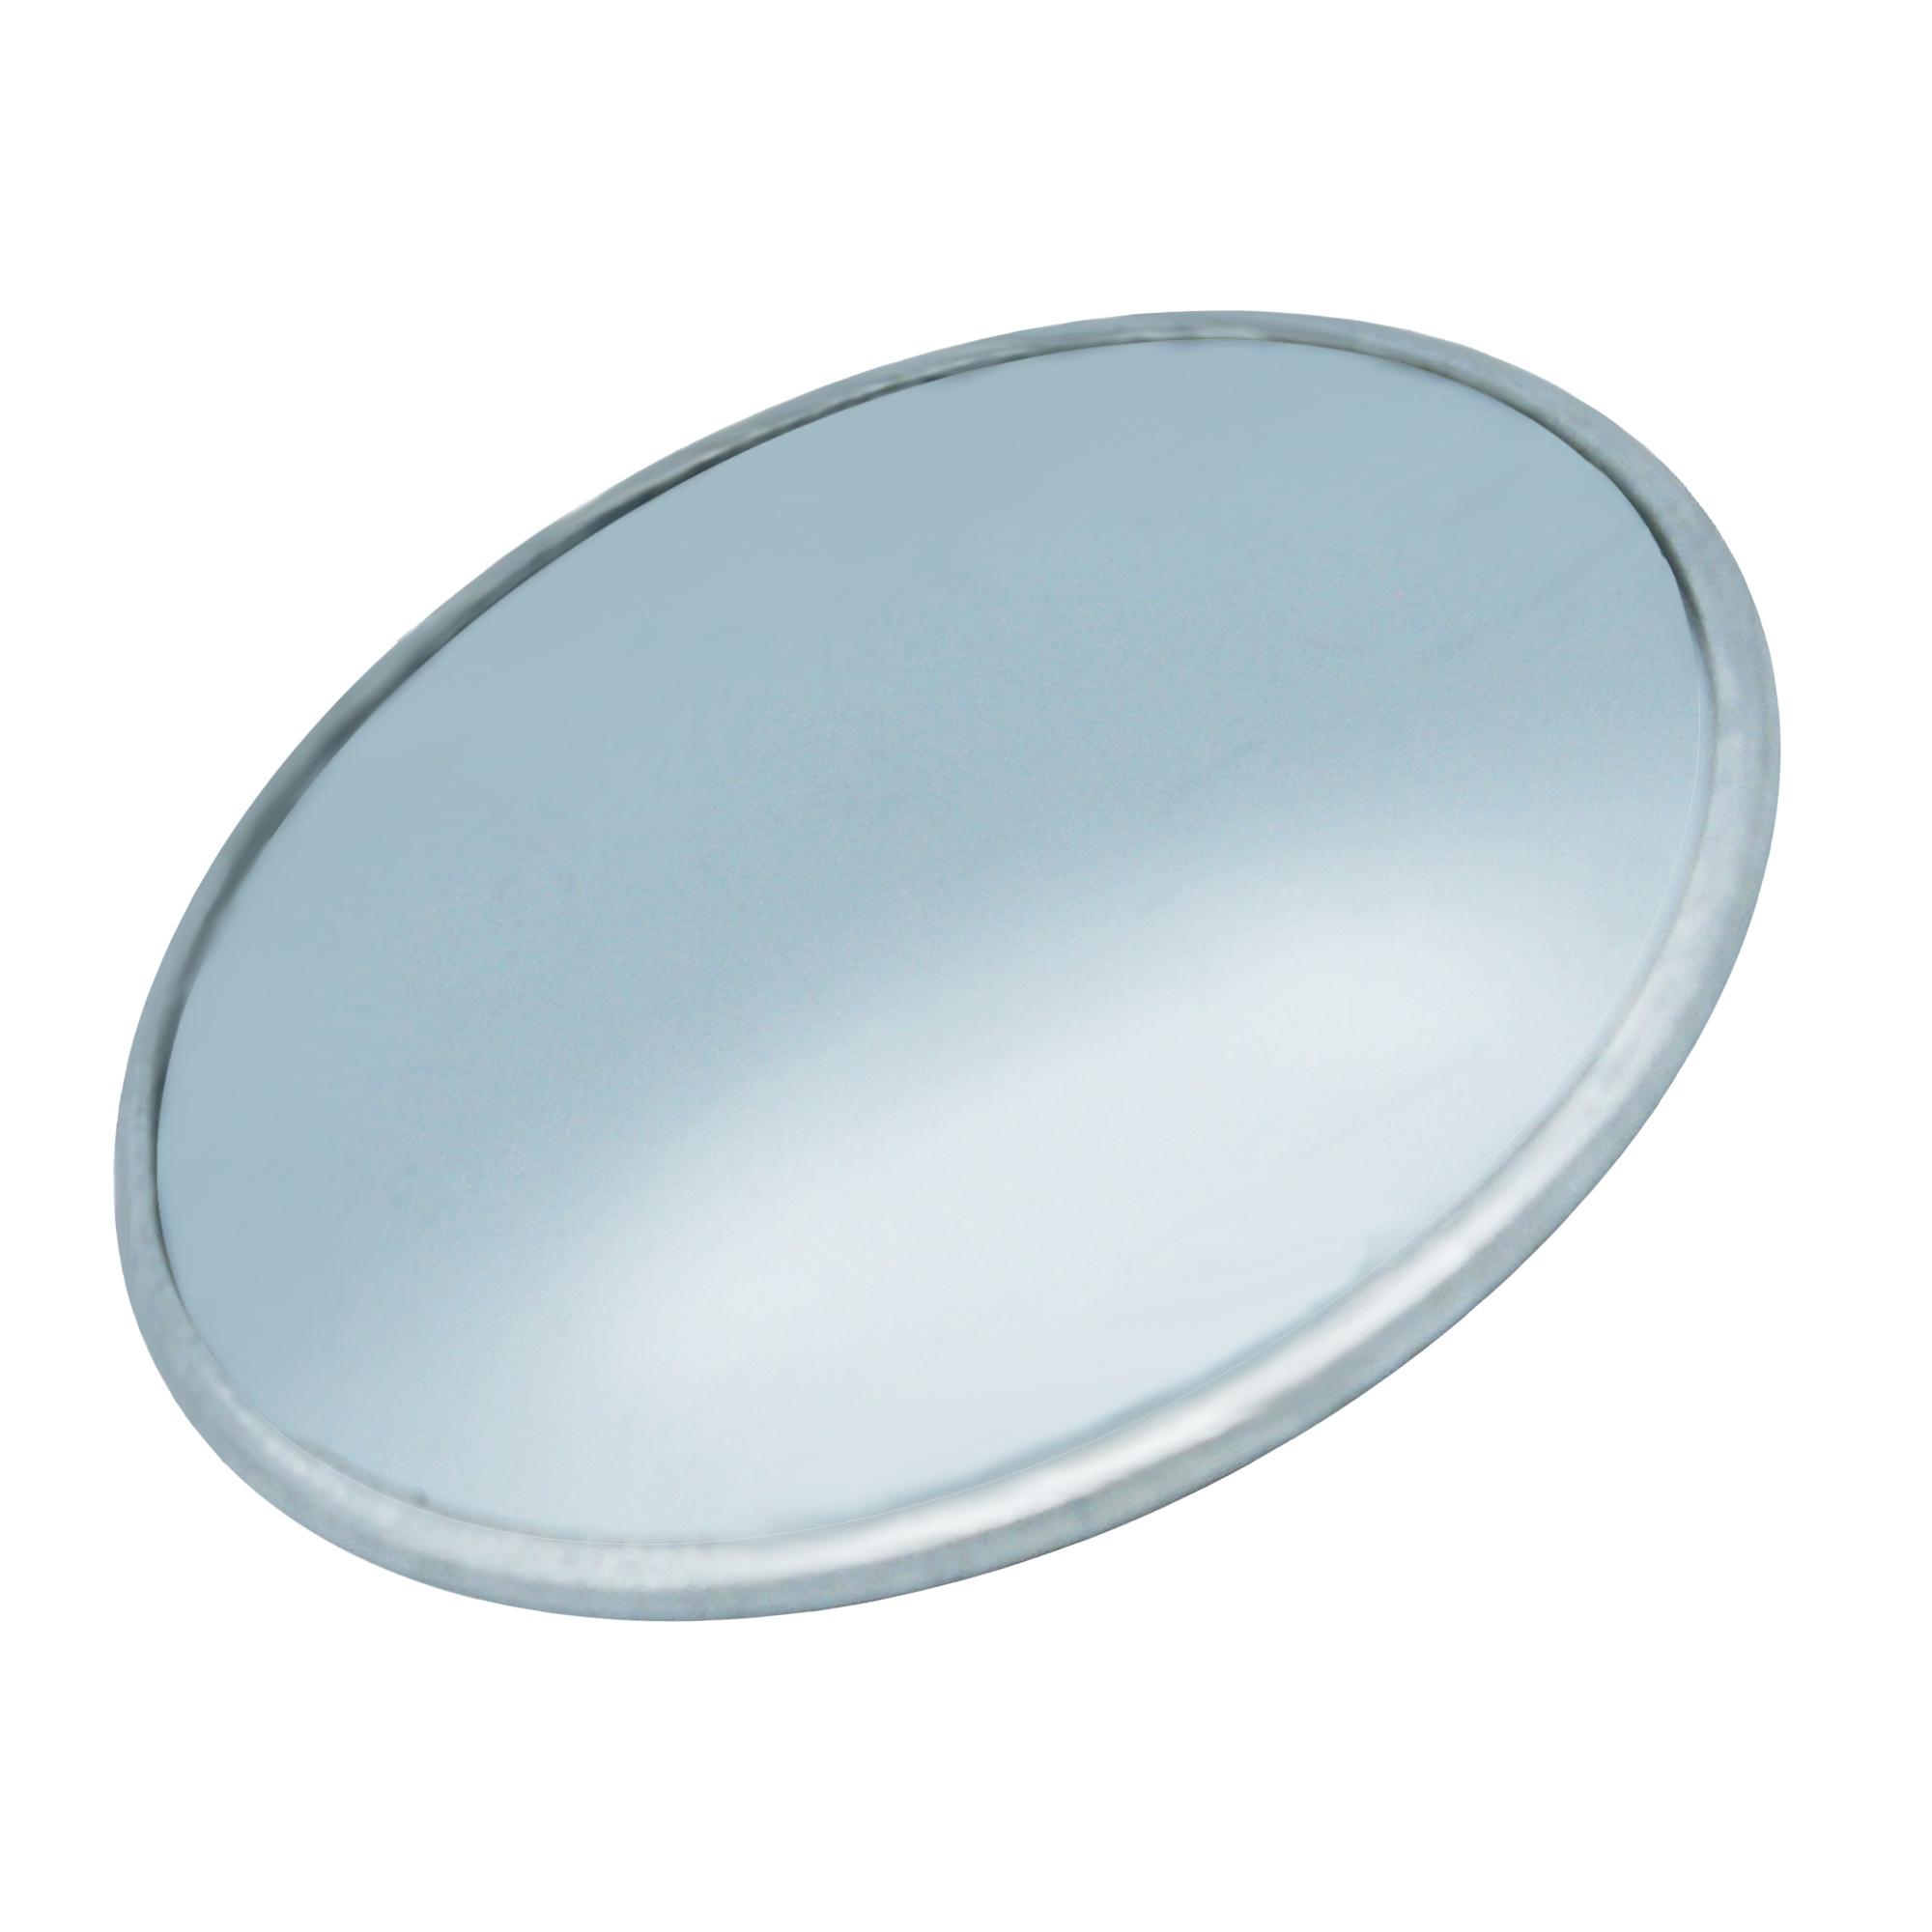 آینه نقطه کور خودرو بیلگین مدل glas-03